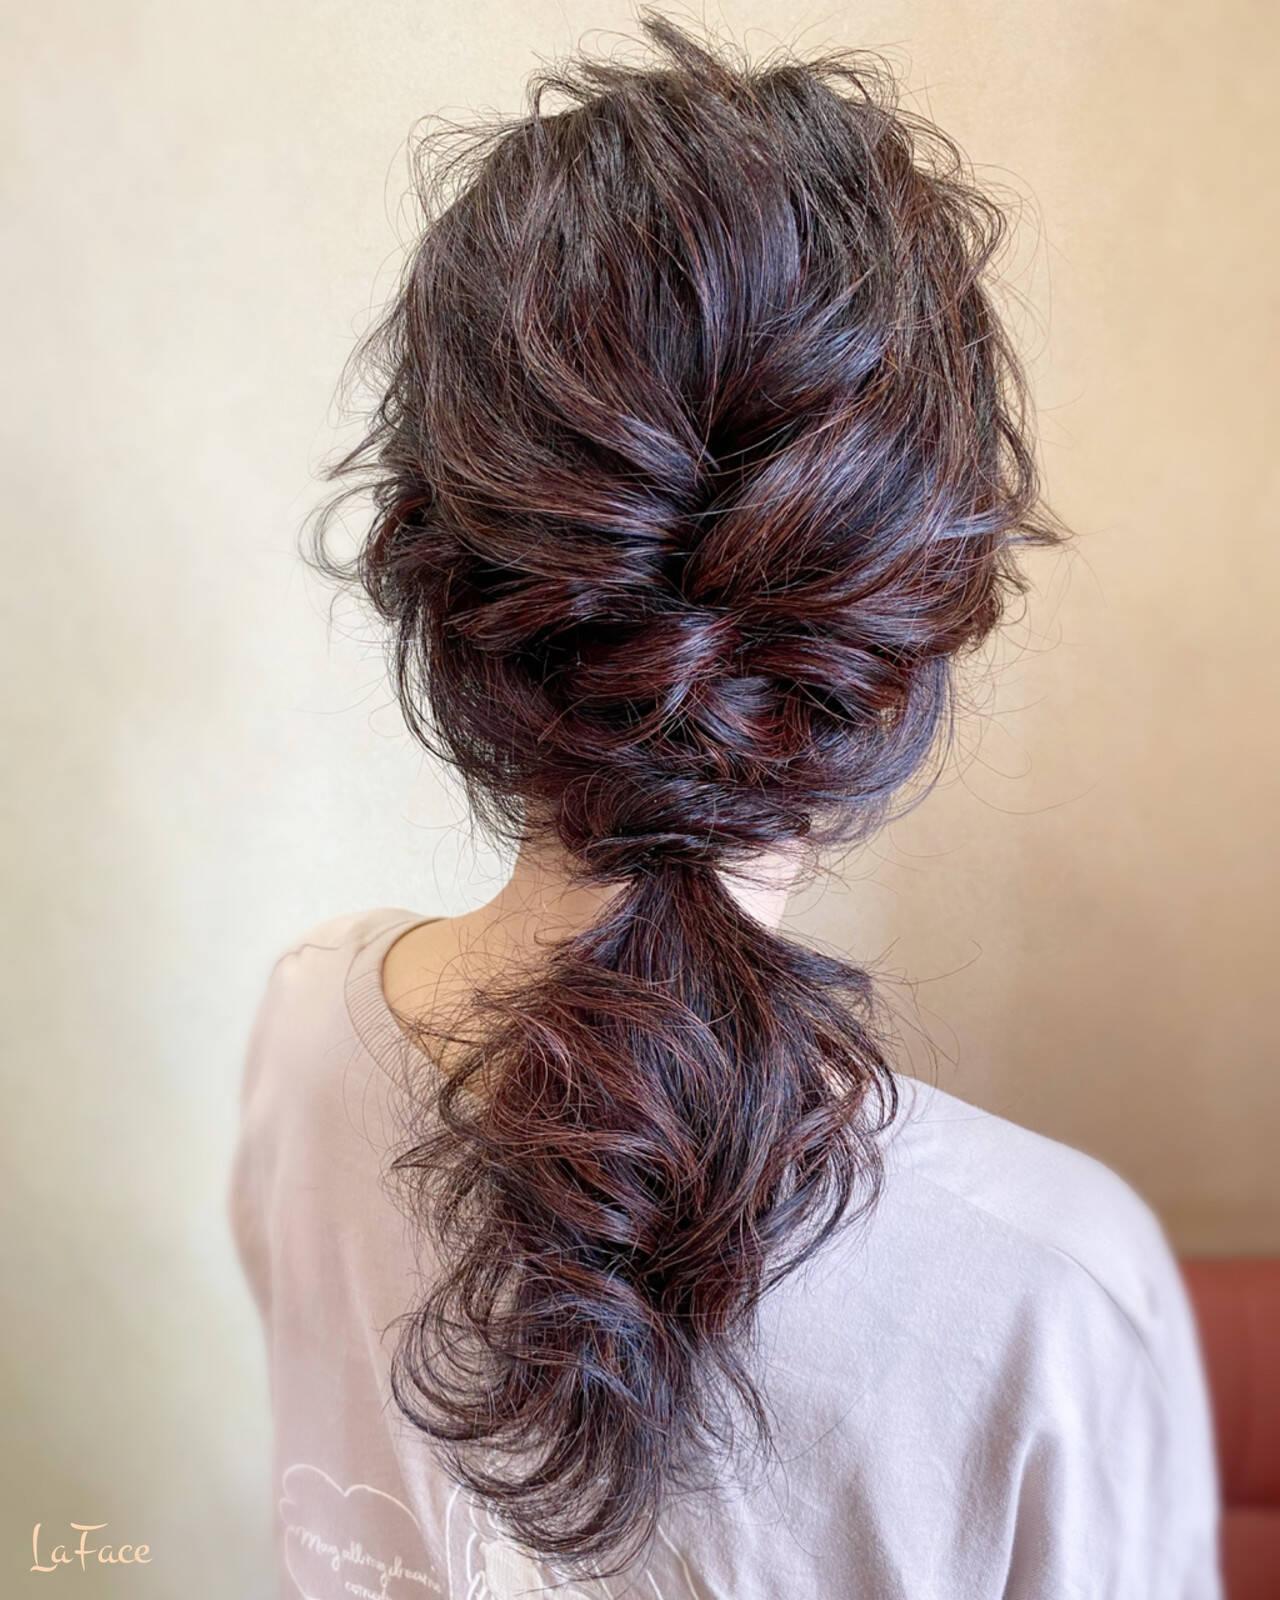 ポニーテール ロング ヘアアレンジ フェミニンヘアスタイルや髪型の写真・画像